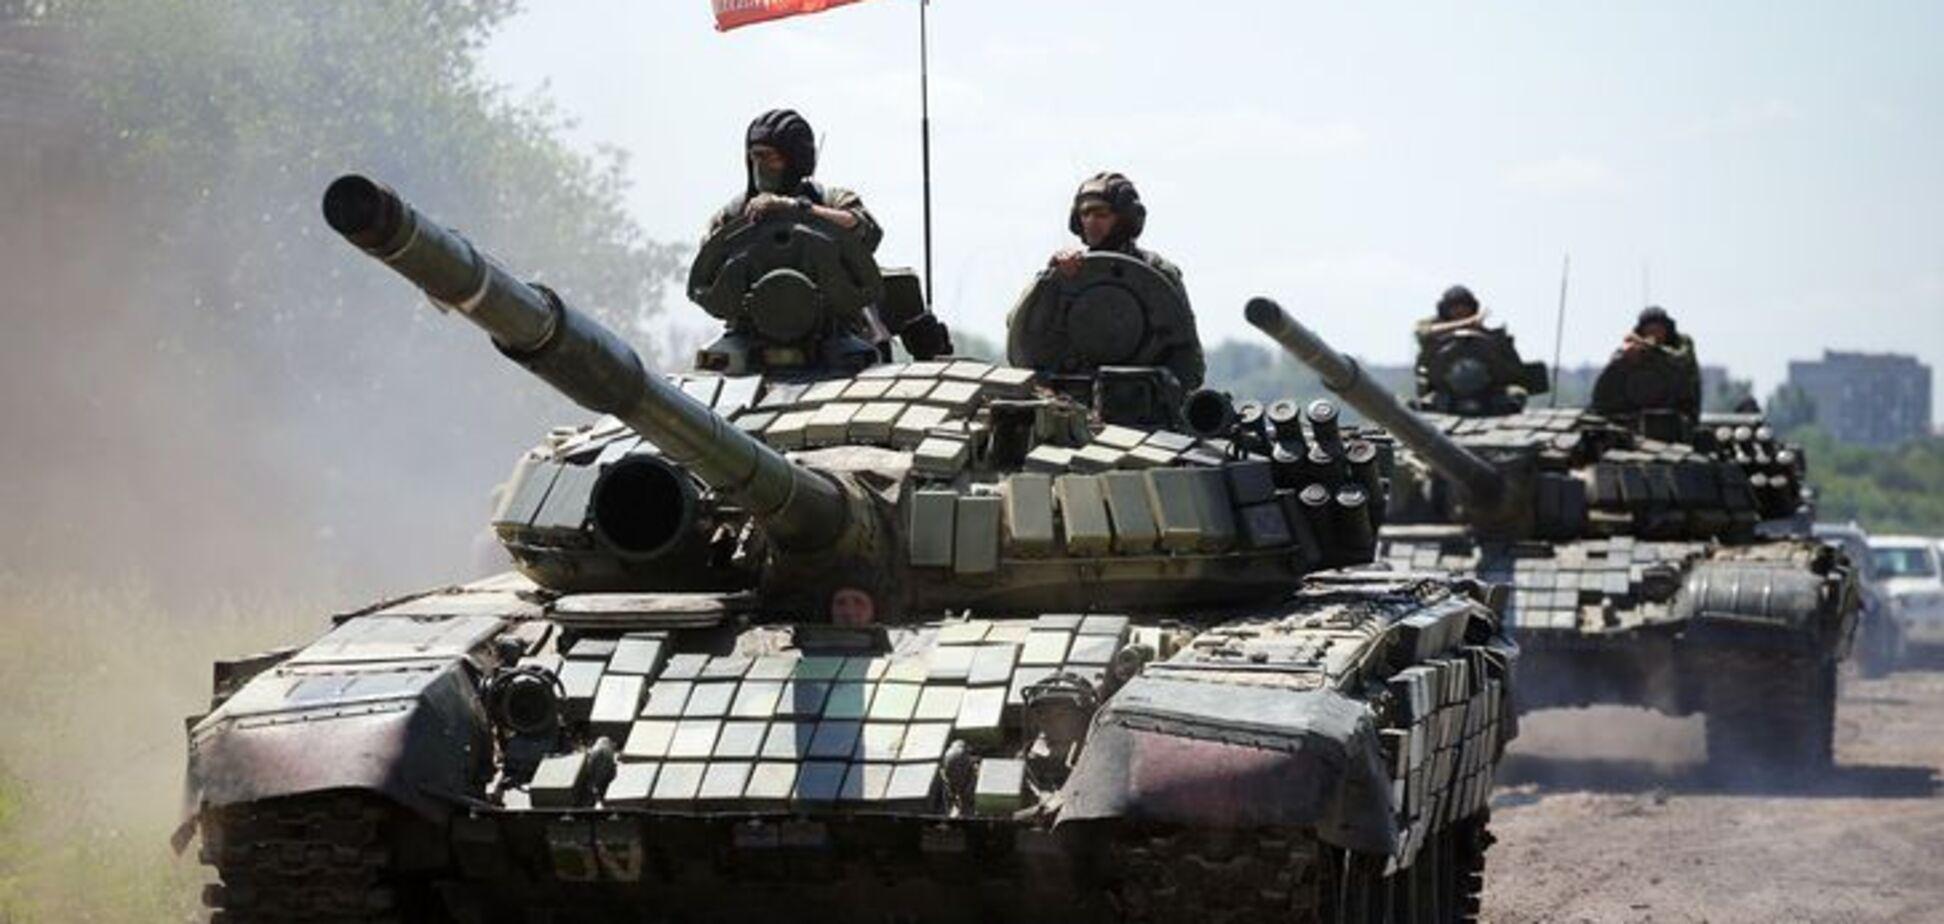 Скрытые позиции: террористы 'Л/ДНР' готовят ловушку для ВСУ